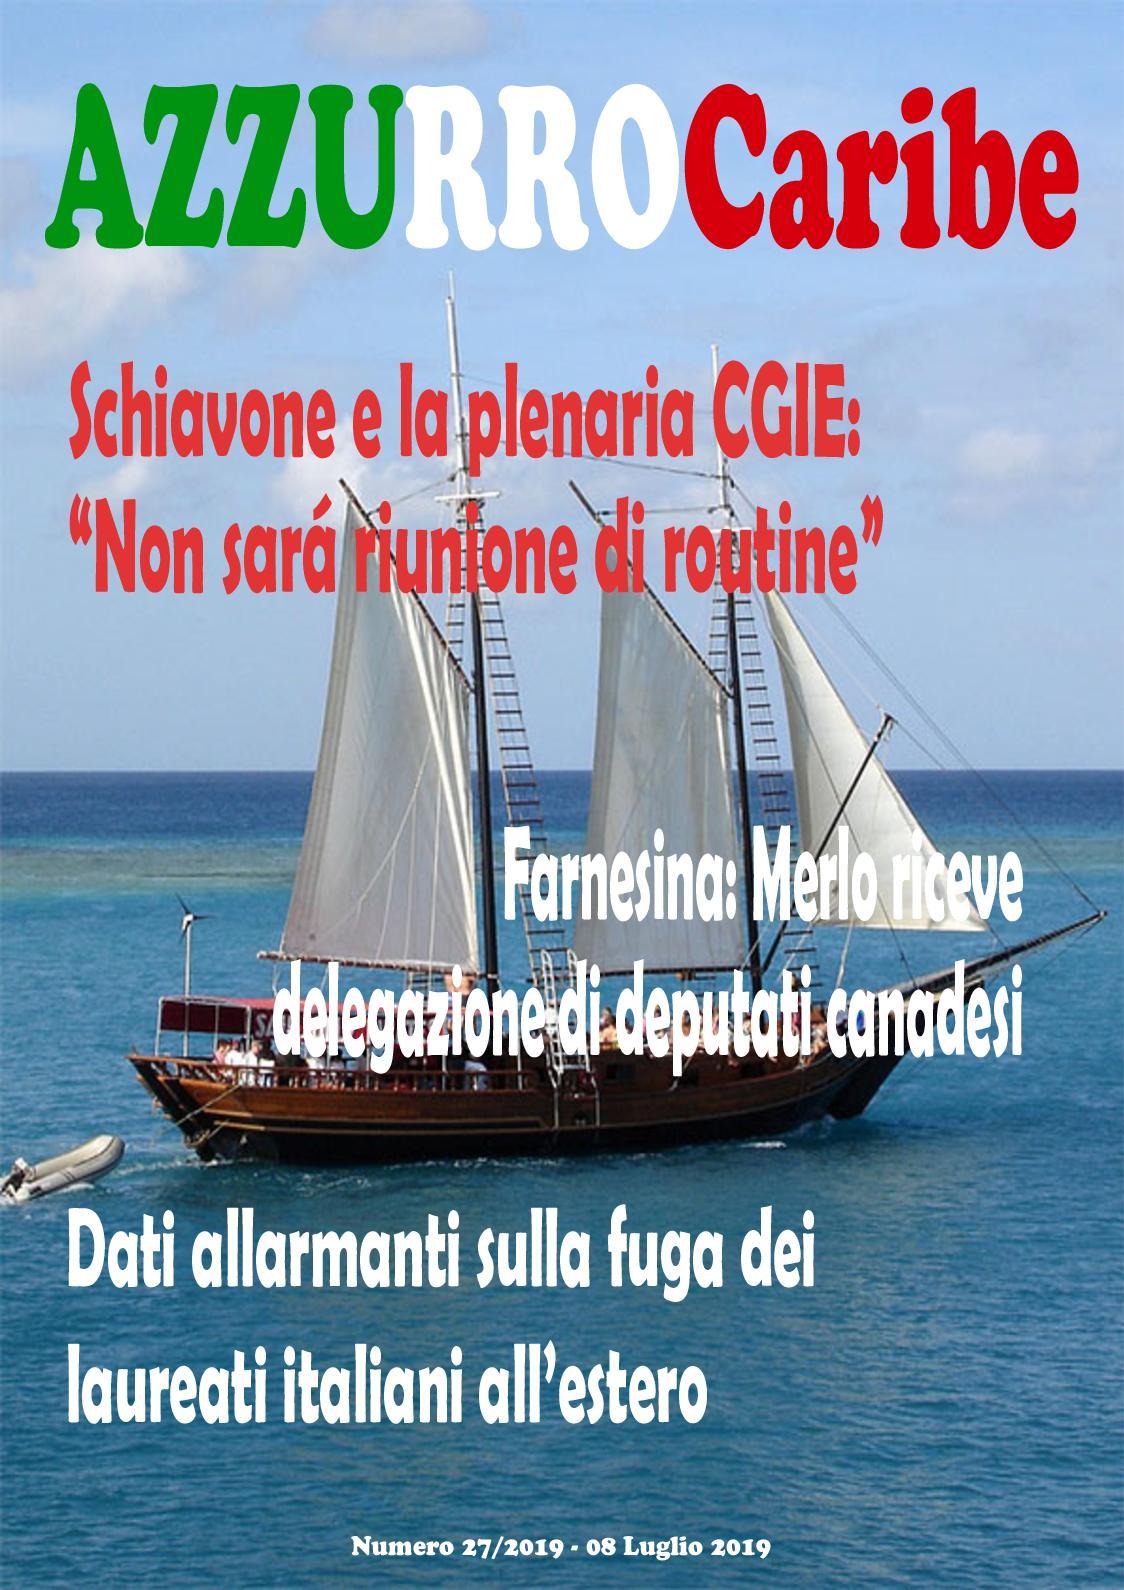 Calam o azzurro caribe luglio 2 2019 for Numero deputati italiani